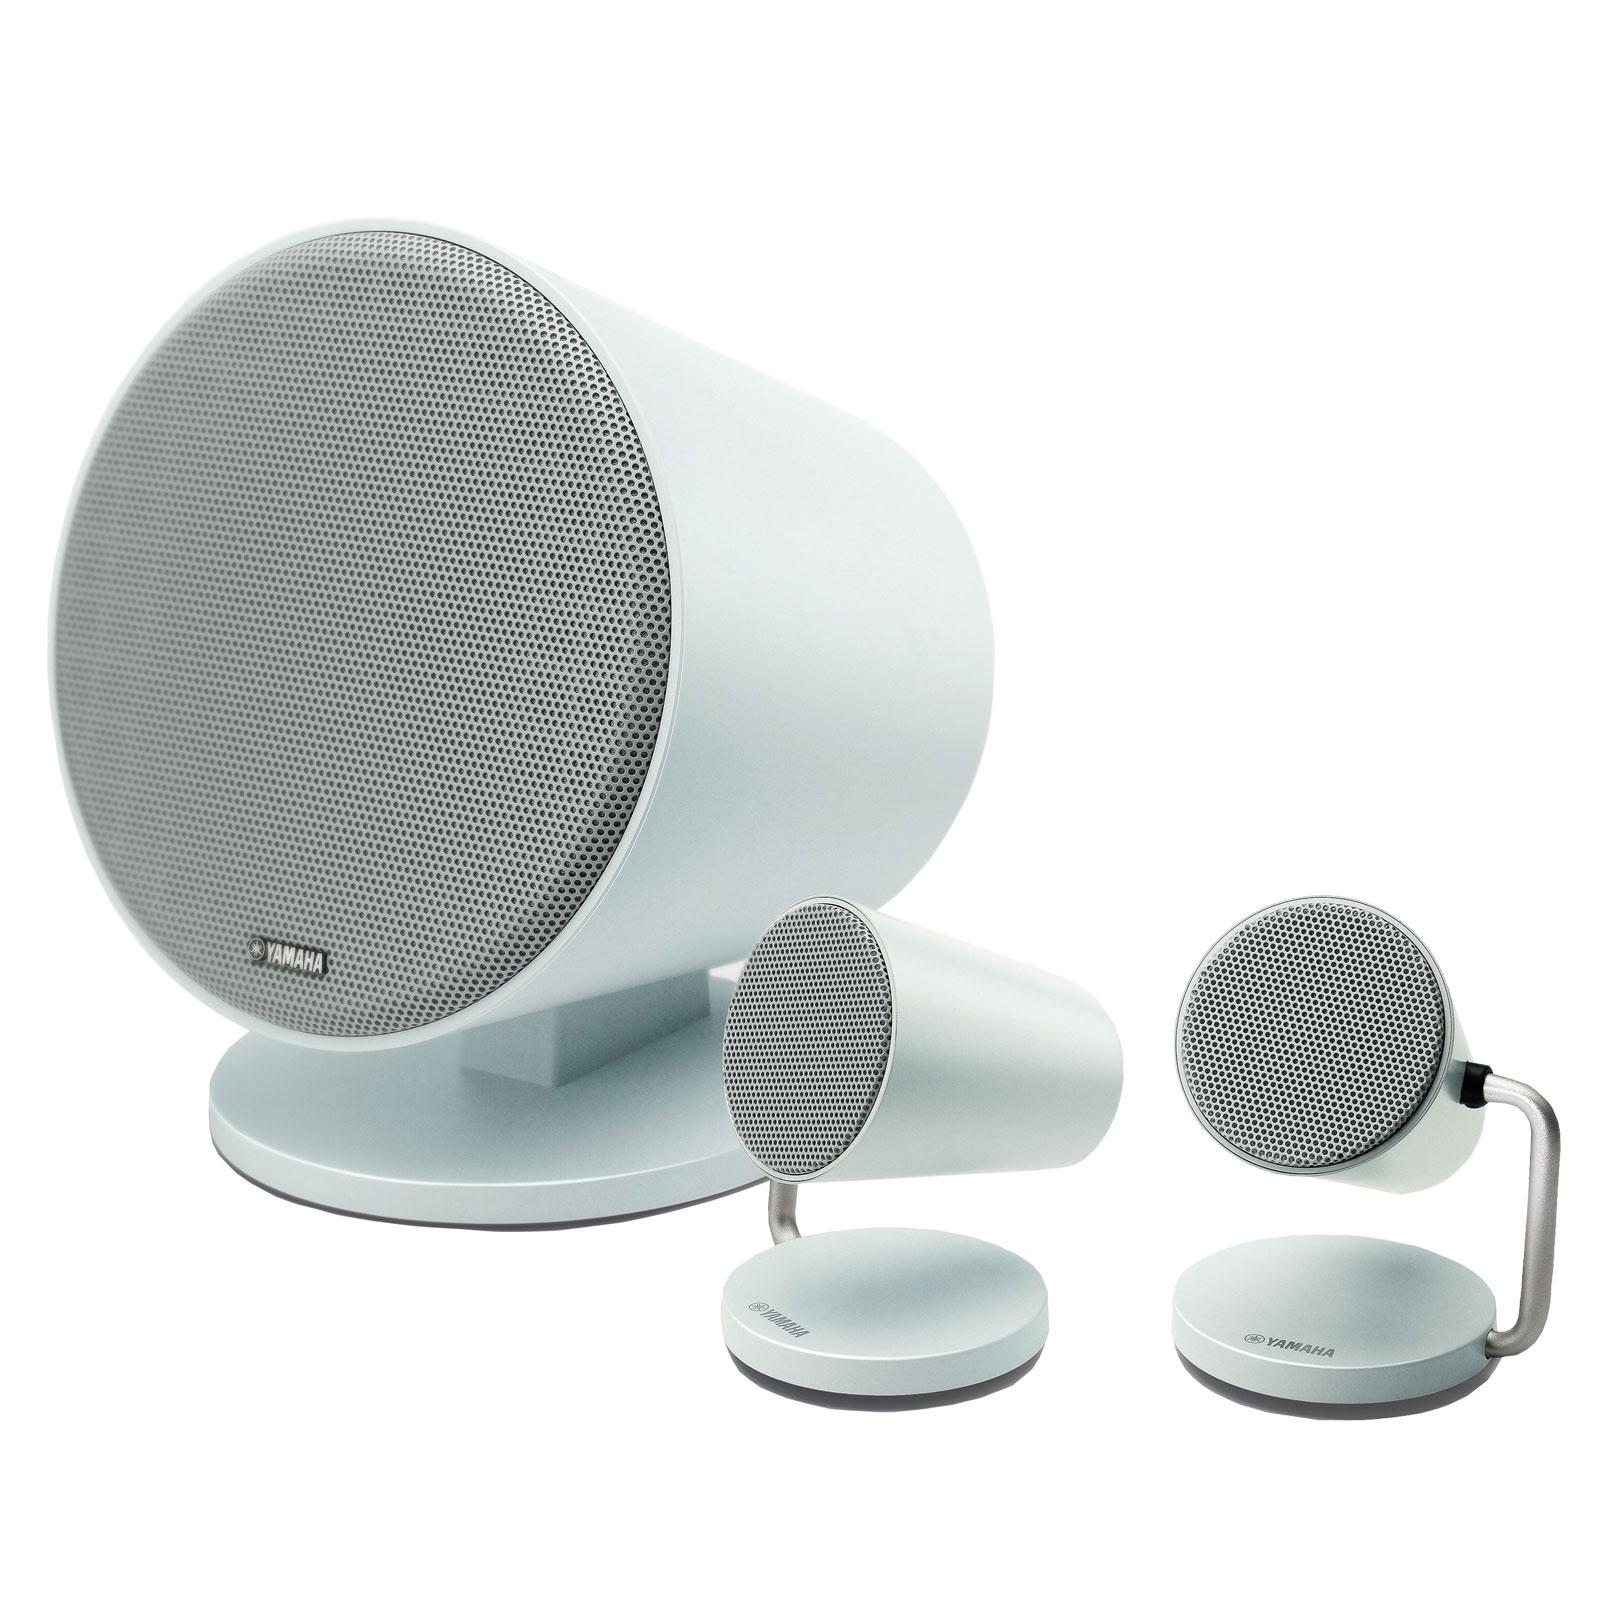 Dock & Enceinte Bluetooth Yamaha NX-B150 Blanc Système audio 2.1 sans fil Bluetooth avec caisson de basses